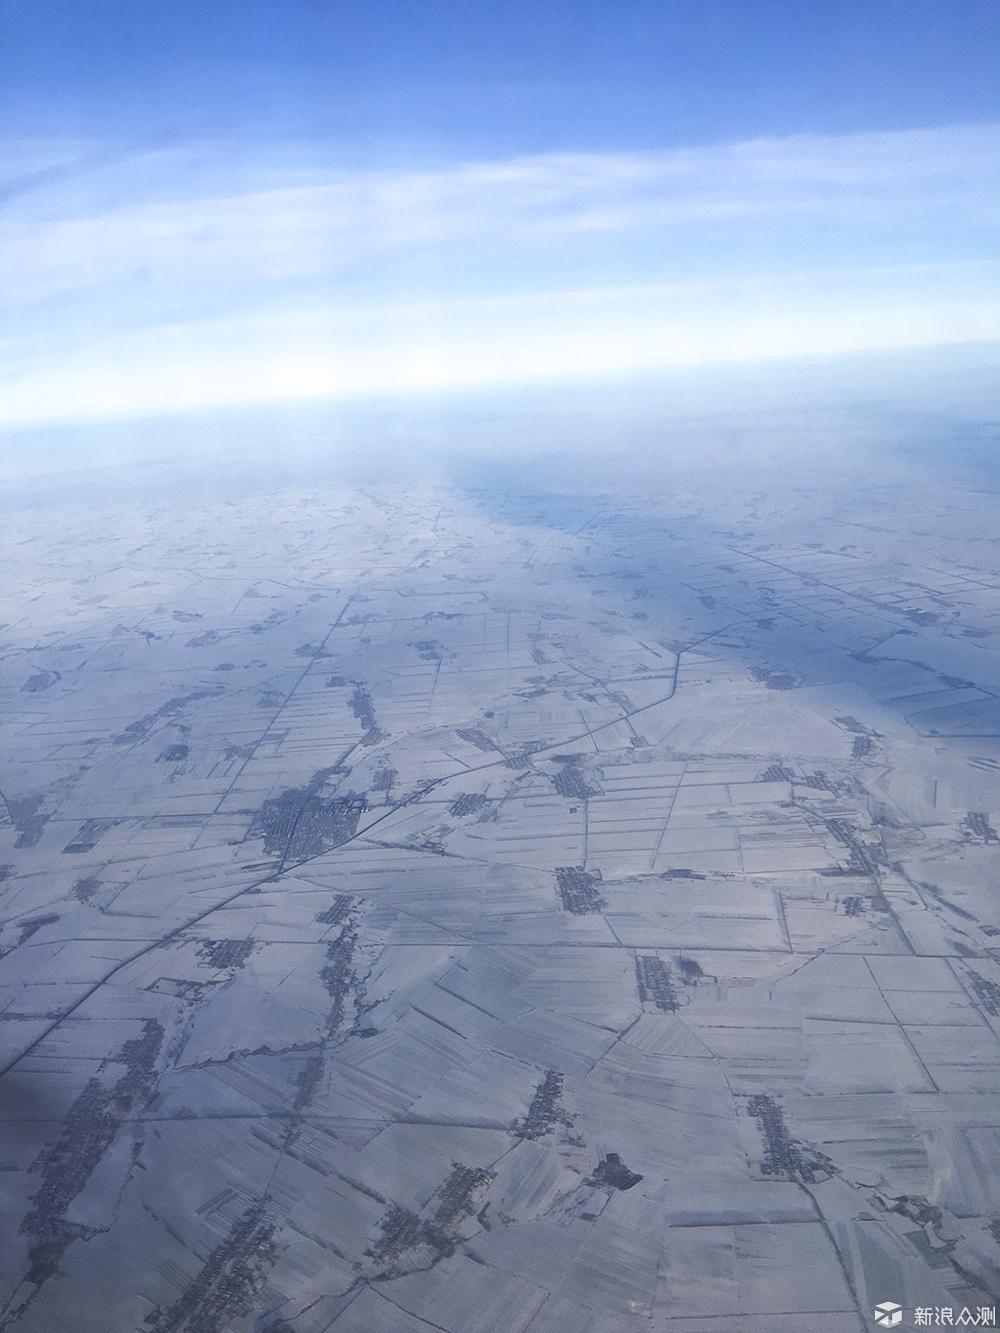 一场说走就走的旅行,南方人眼中的冬日哈尔滨_新浪众测